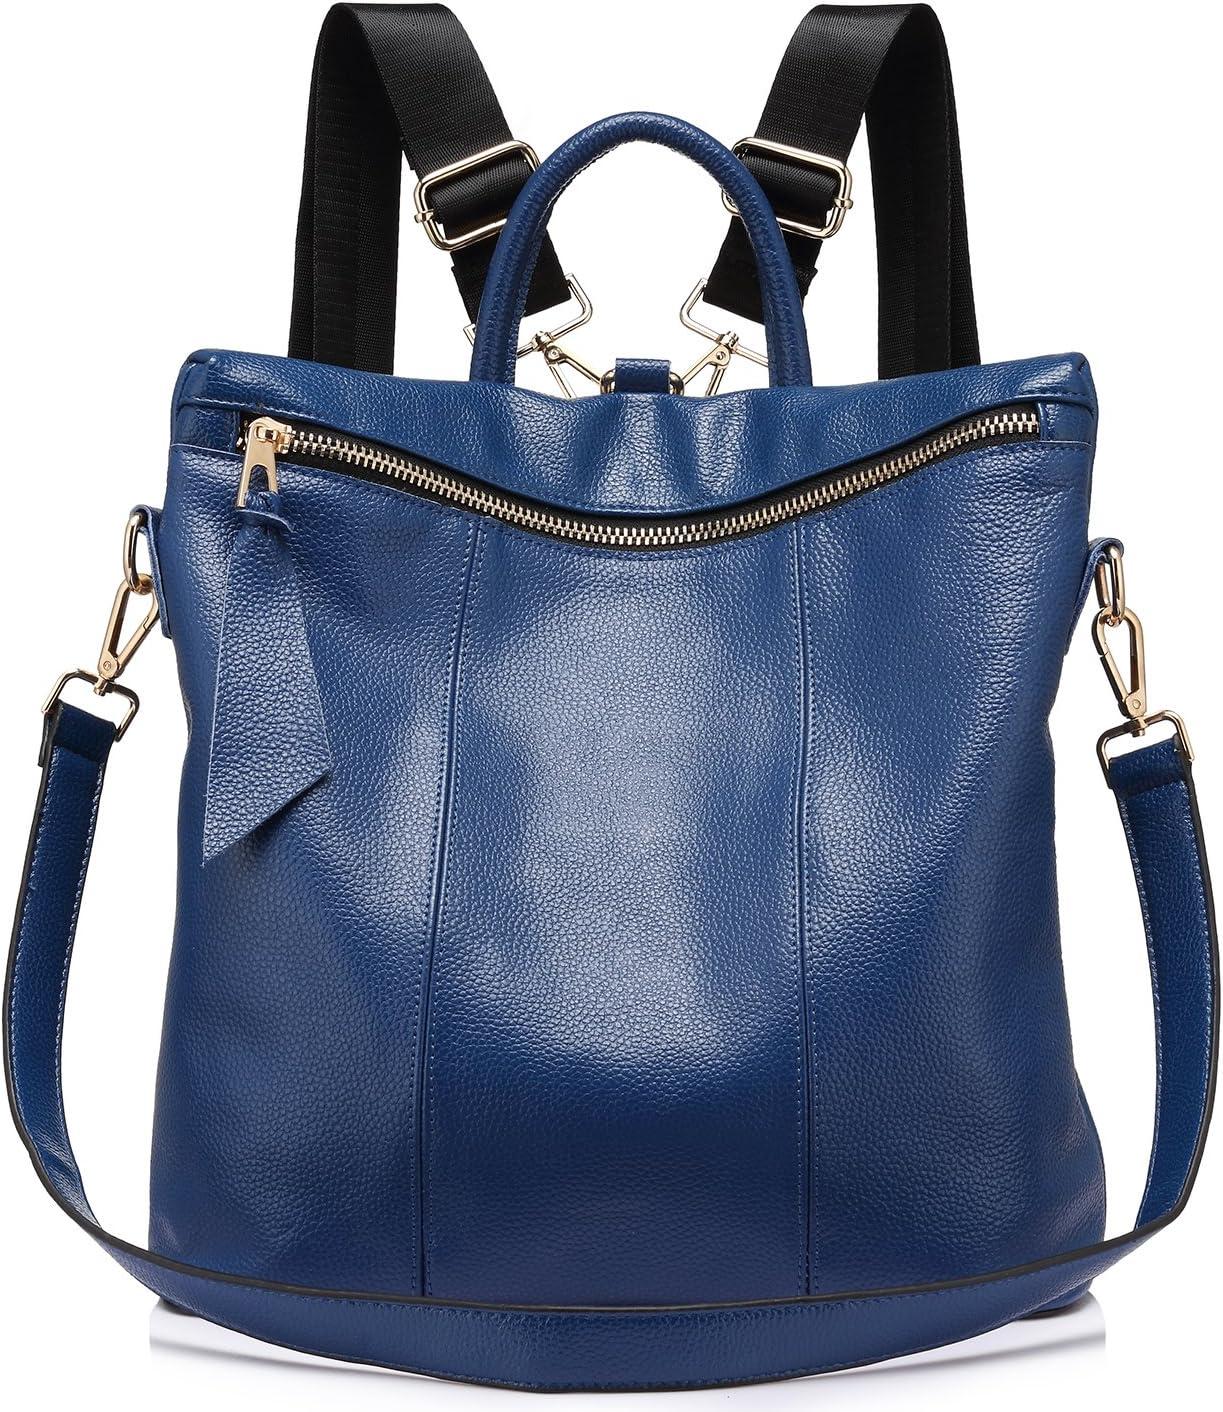 LOVEVOOK Mochilas Mujer Casual mochilas escolares Bolsa piel genuina Bolso De Hombro Mochila viajes vintage Azul